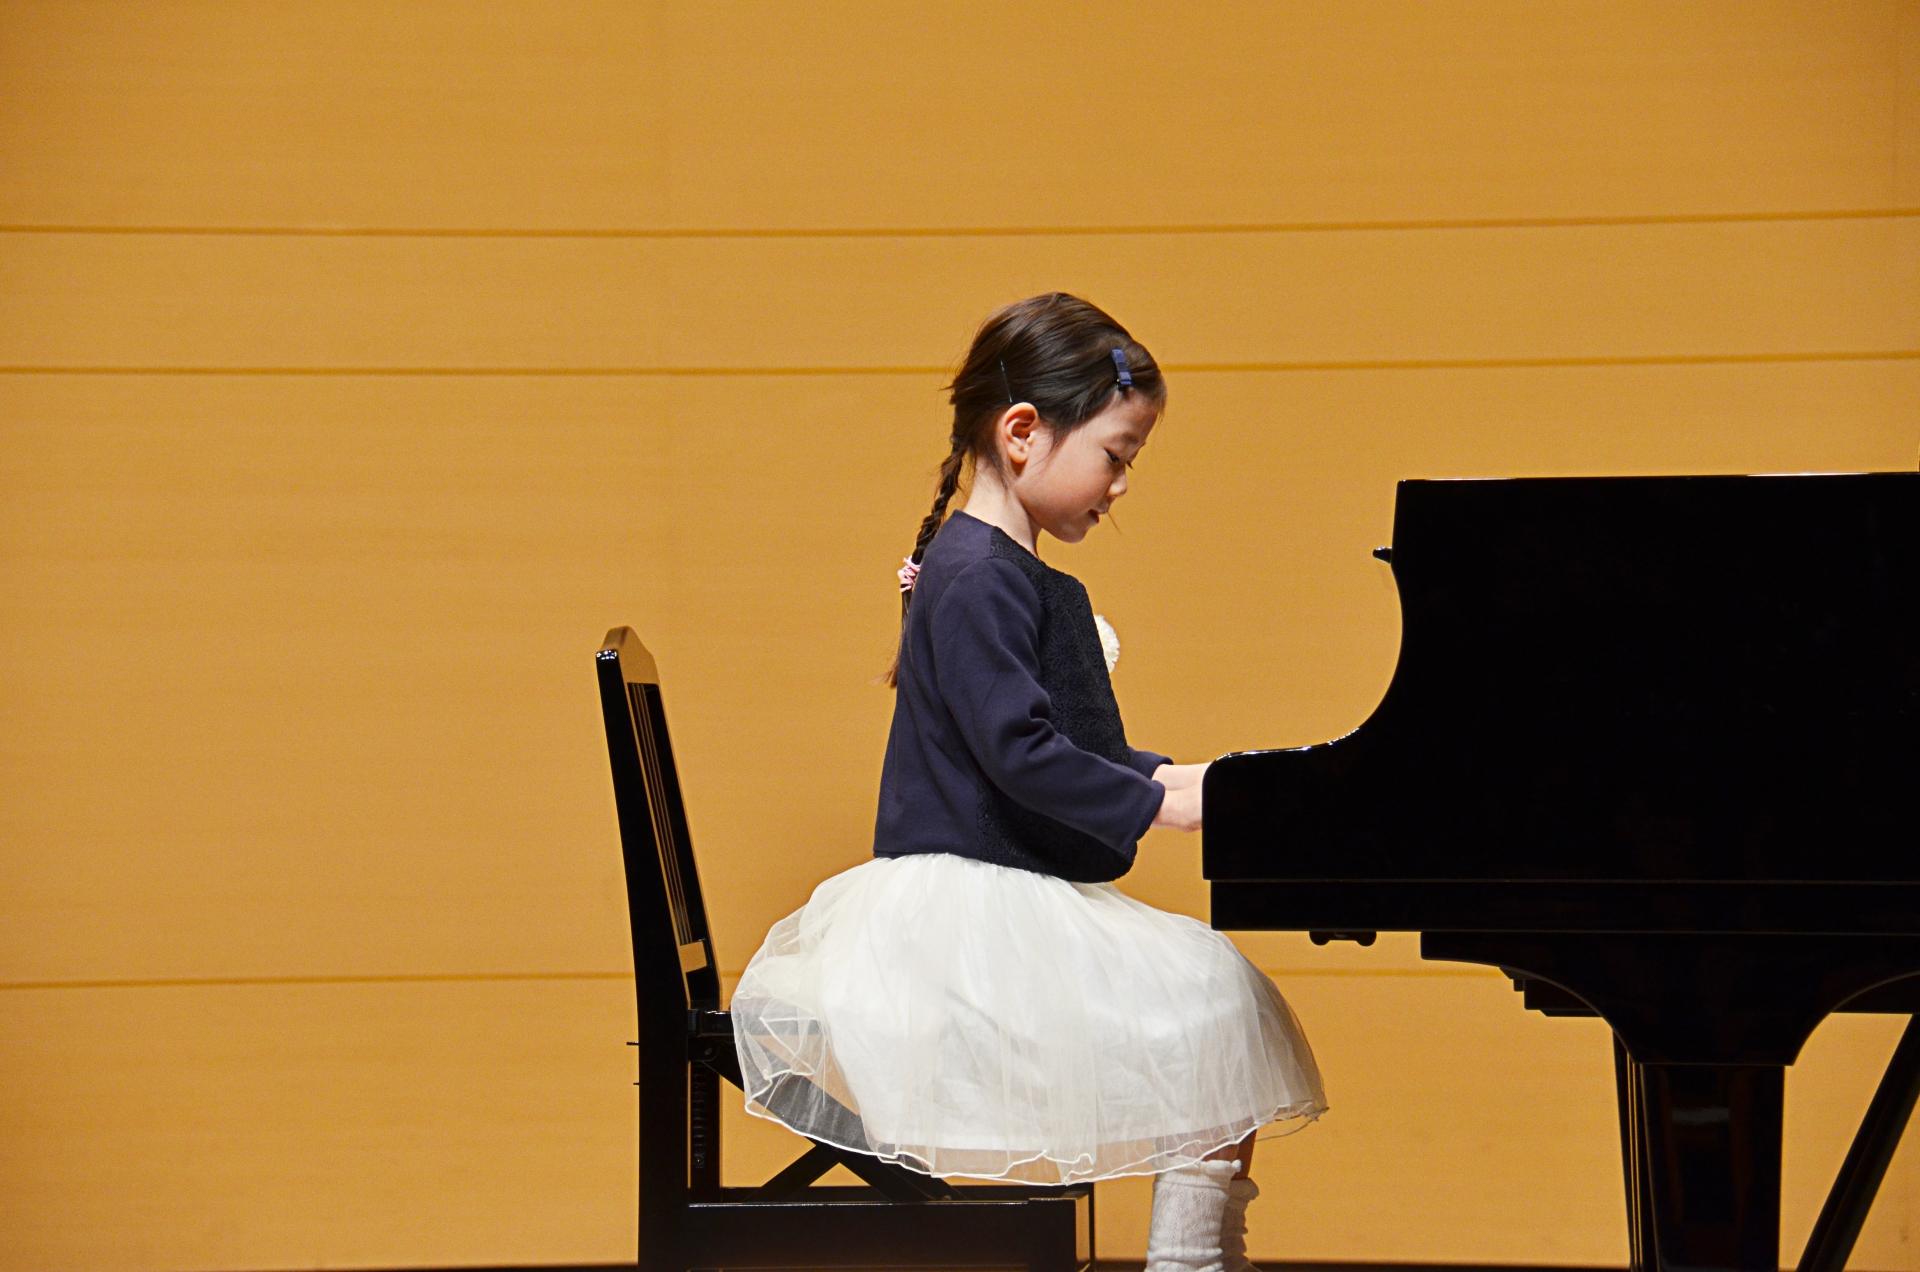 ピアノの発表会で緊張した時の対処法!人前でも実力を発揮できる方法とは